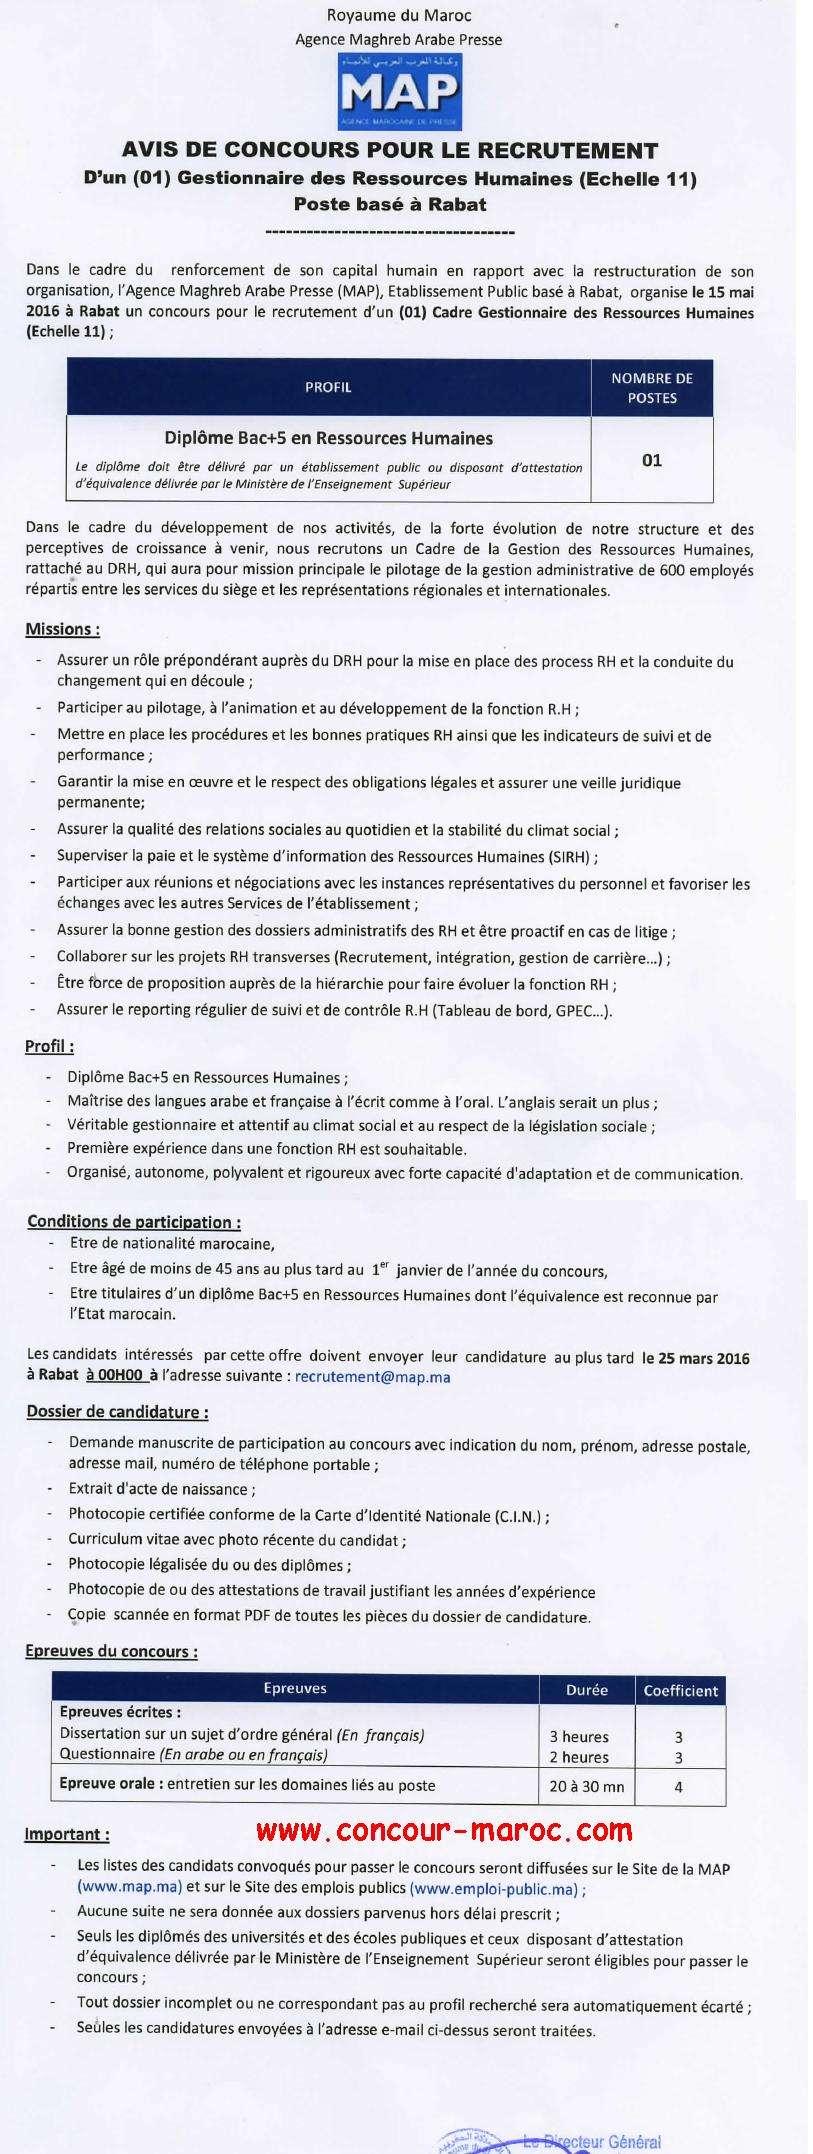 وكالة المغرب العربي للأنباء : مباراة لتوظيف ثقني في الاجور سلم 9 (1 منصب) و اطار في الموارد البشرية سلم 11(1 منصب) و مهندس الدراسات سلم 11(1 منصب) بمقر الرباط آخر أجل لإيداع الترشيحات 25 مارس 2016 Concou23